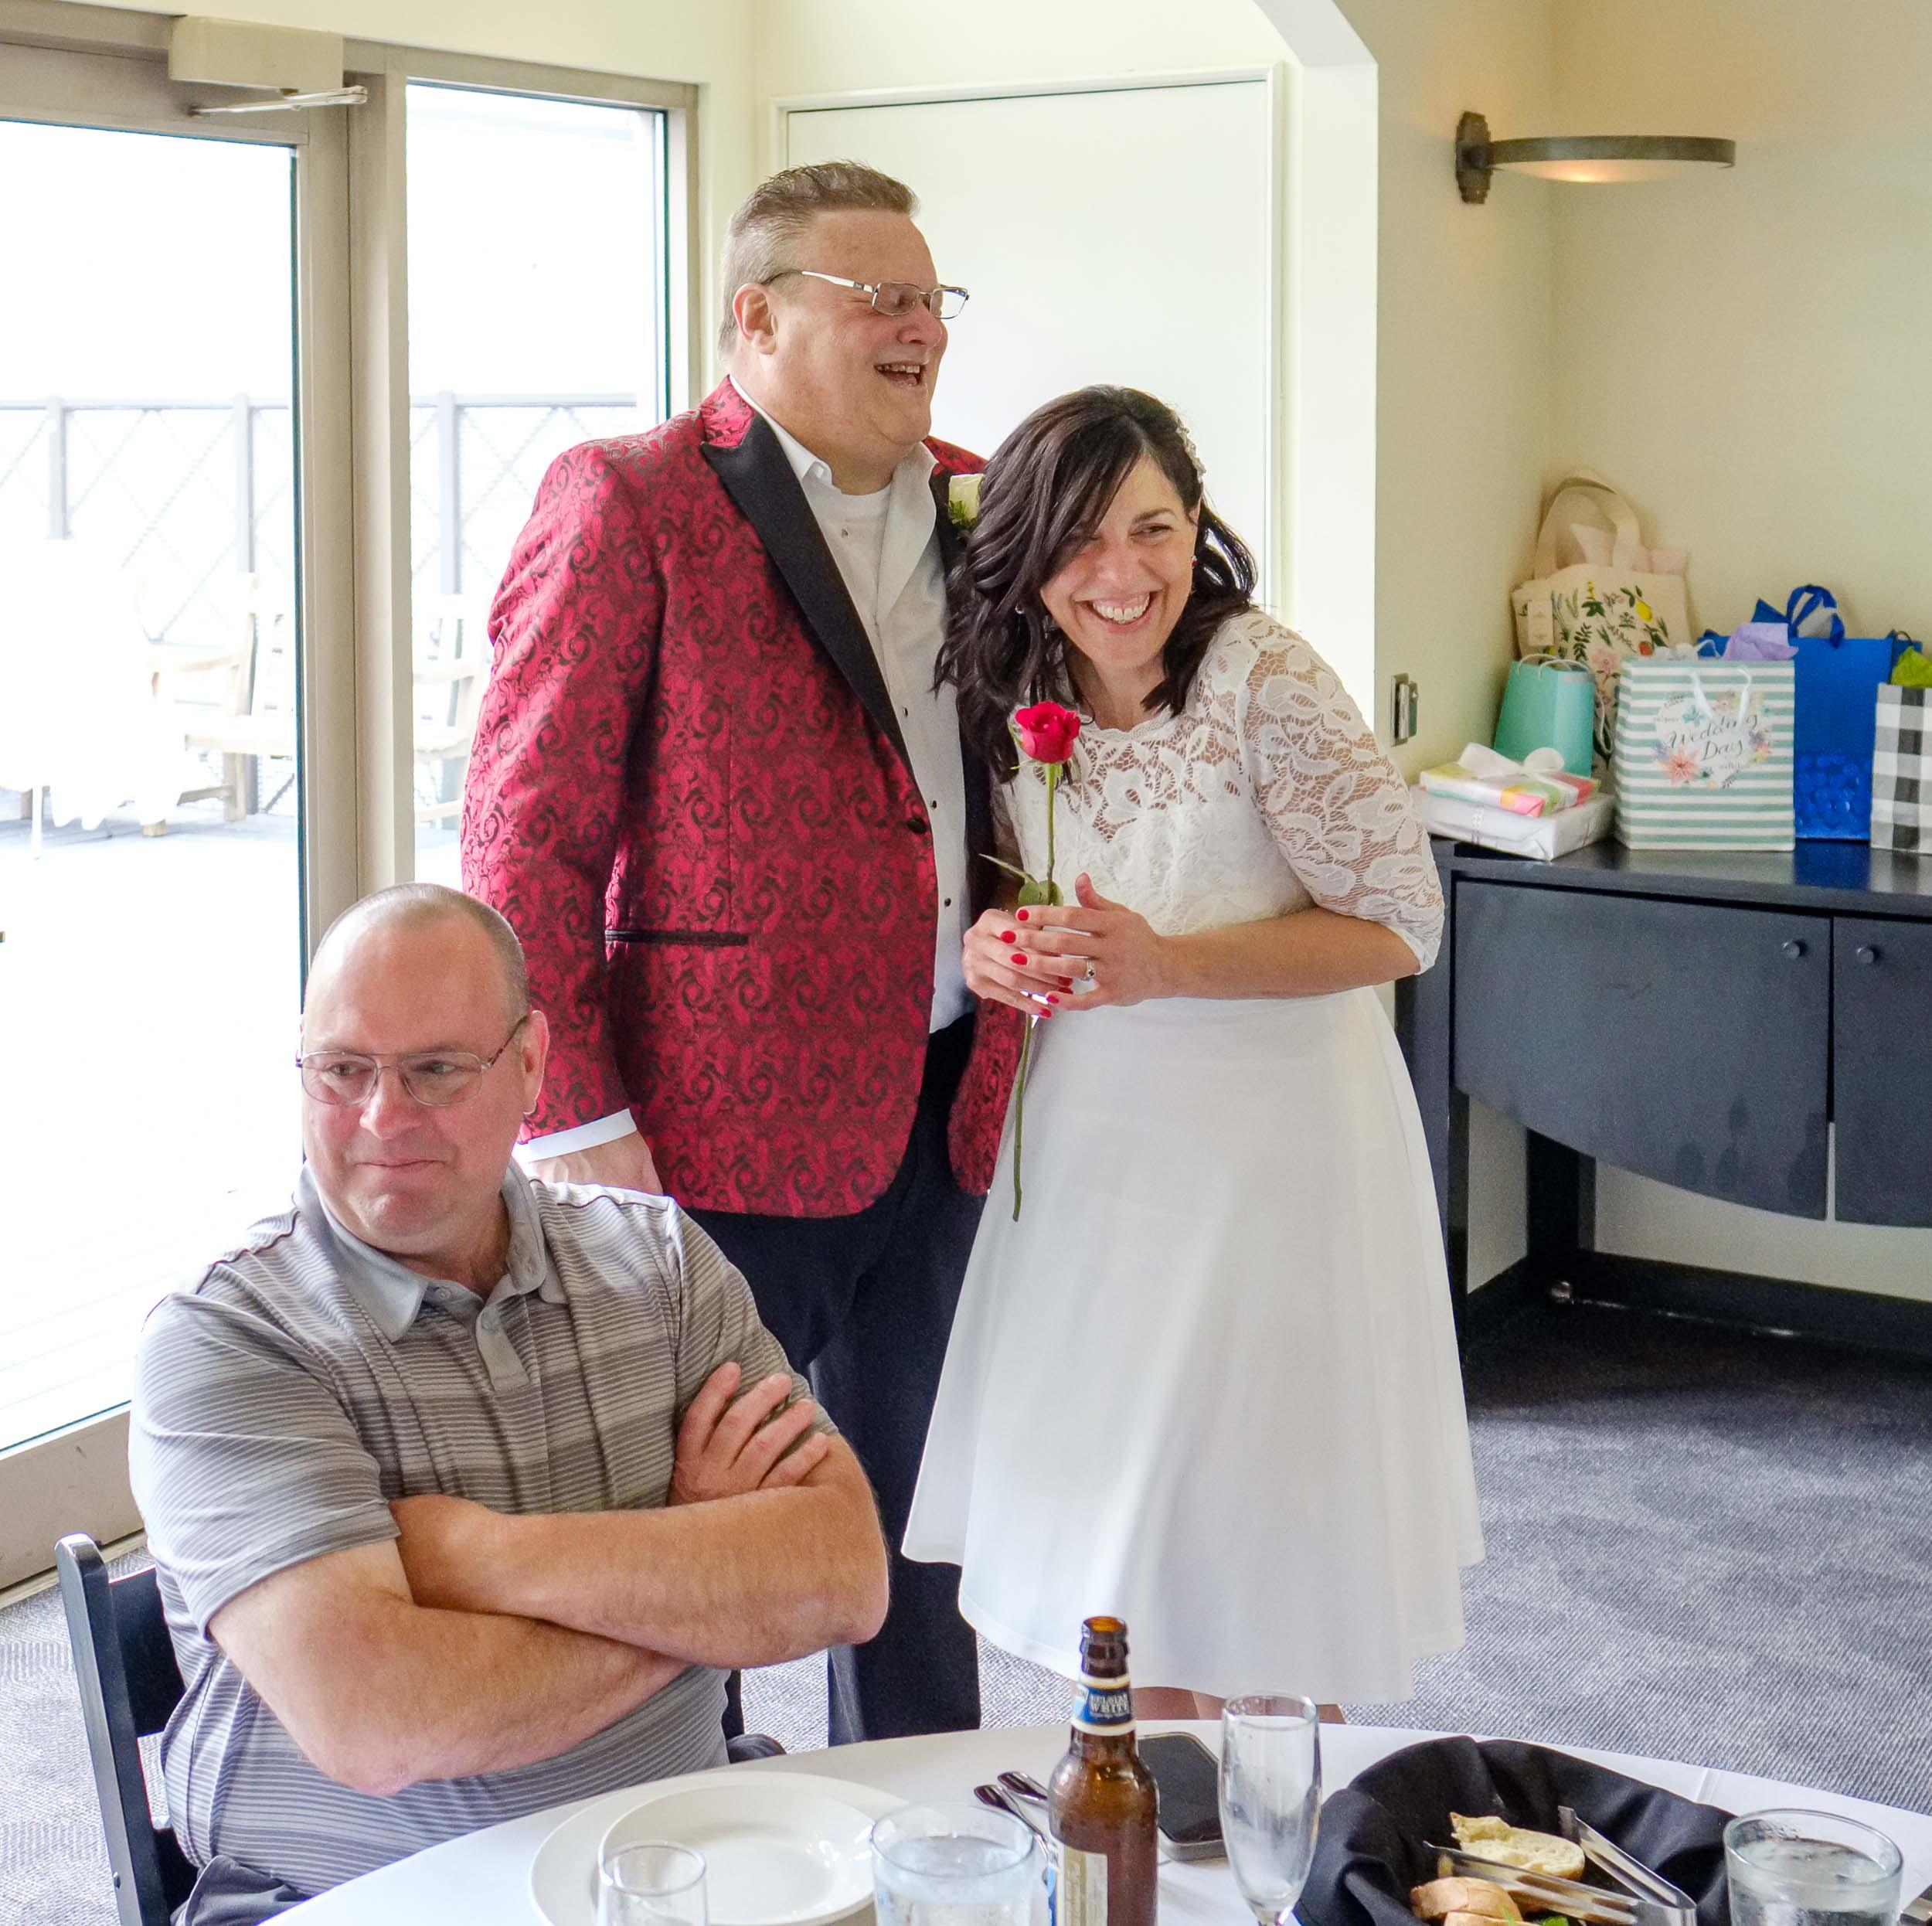 schmidt_wedding-1227.jpg